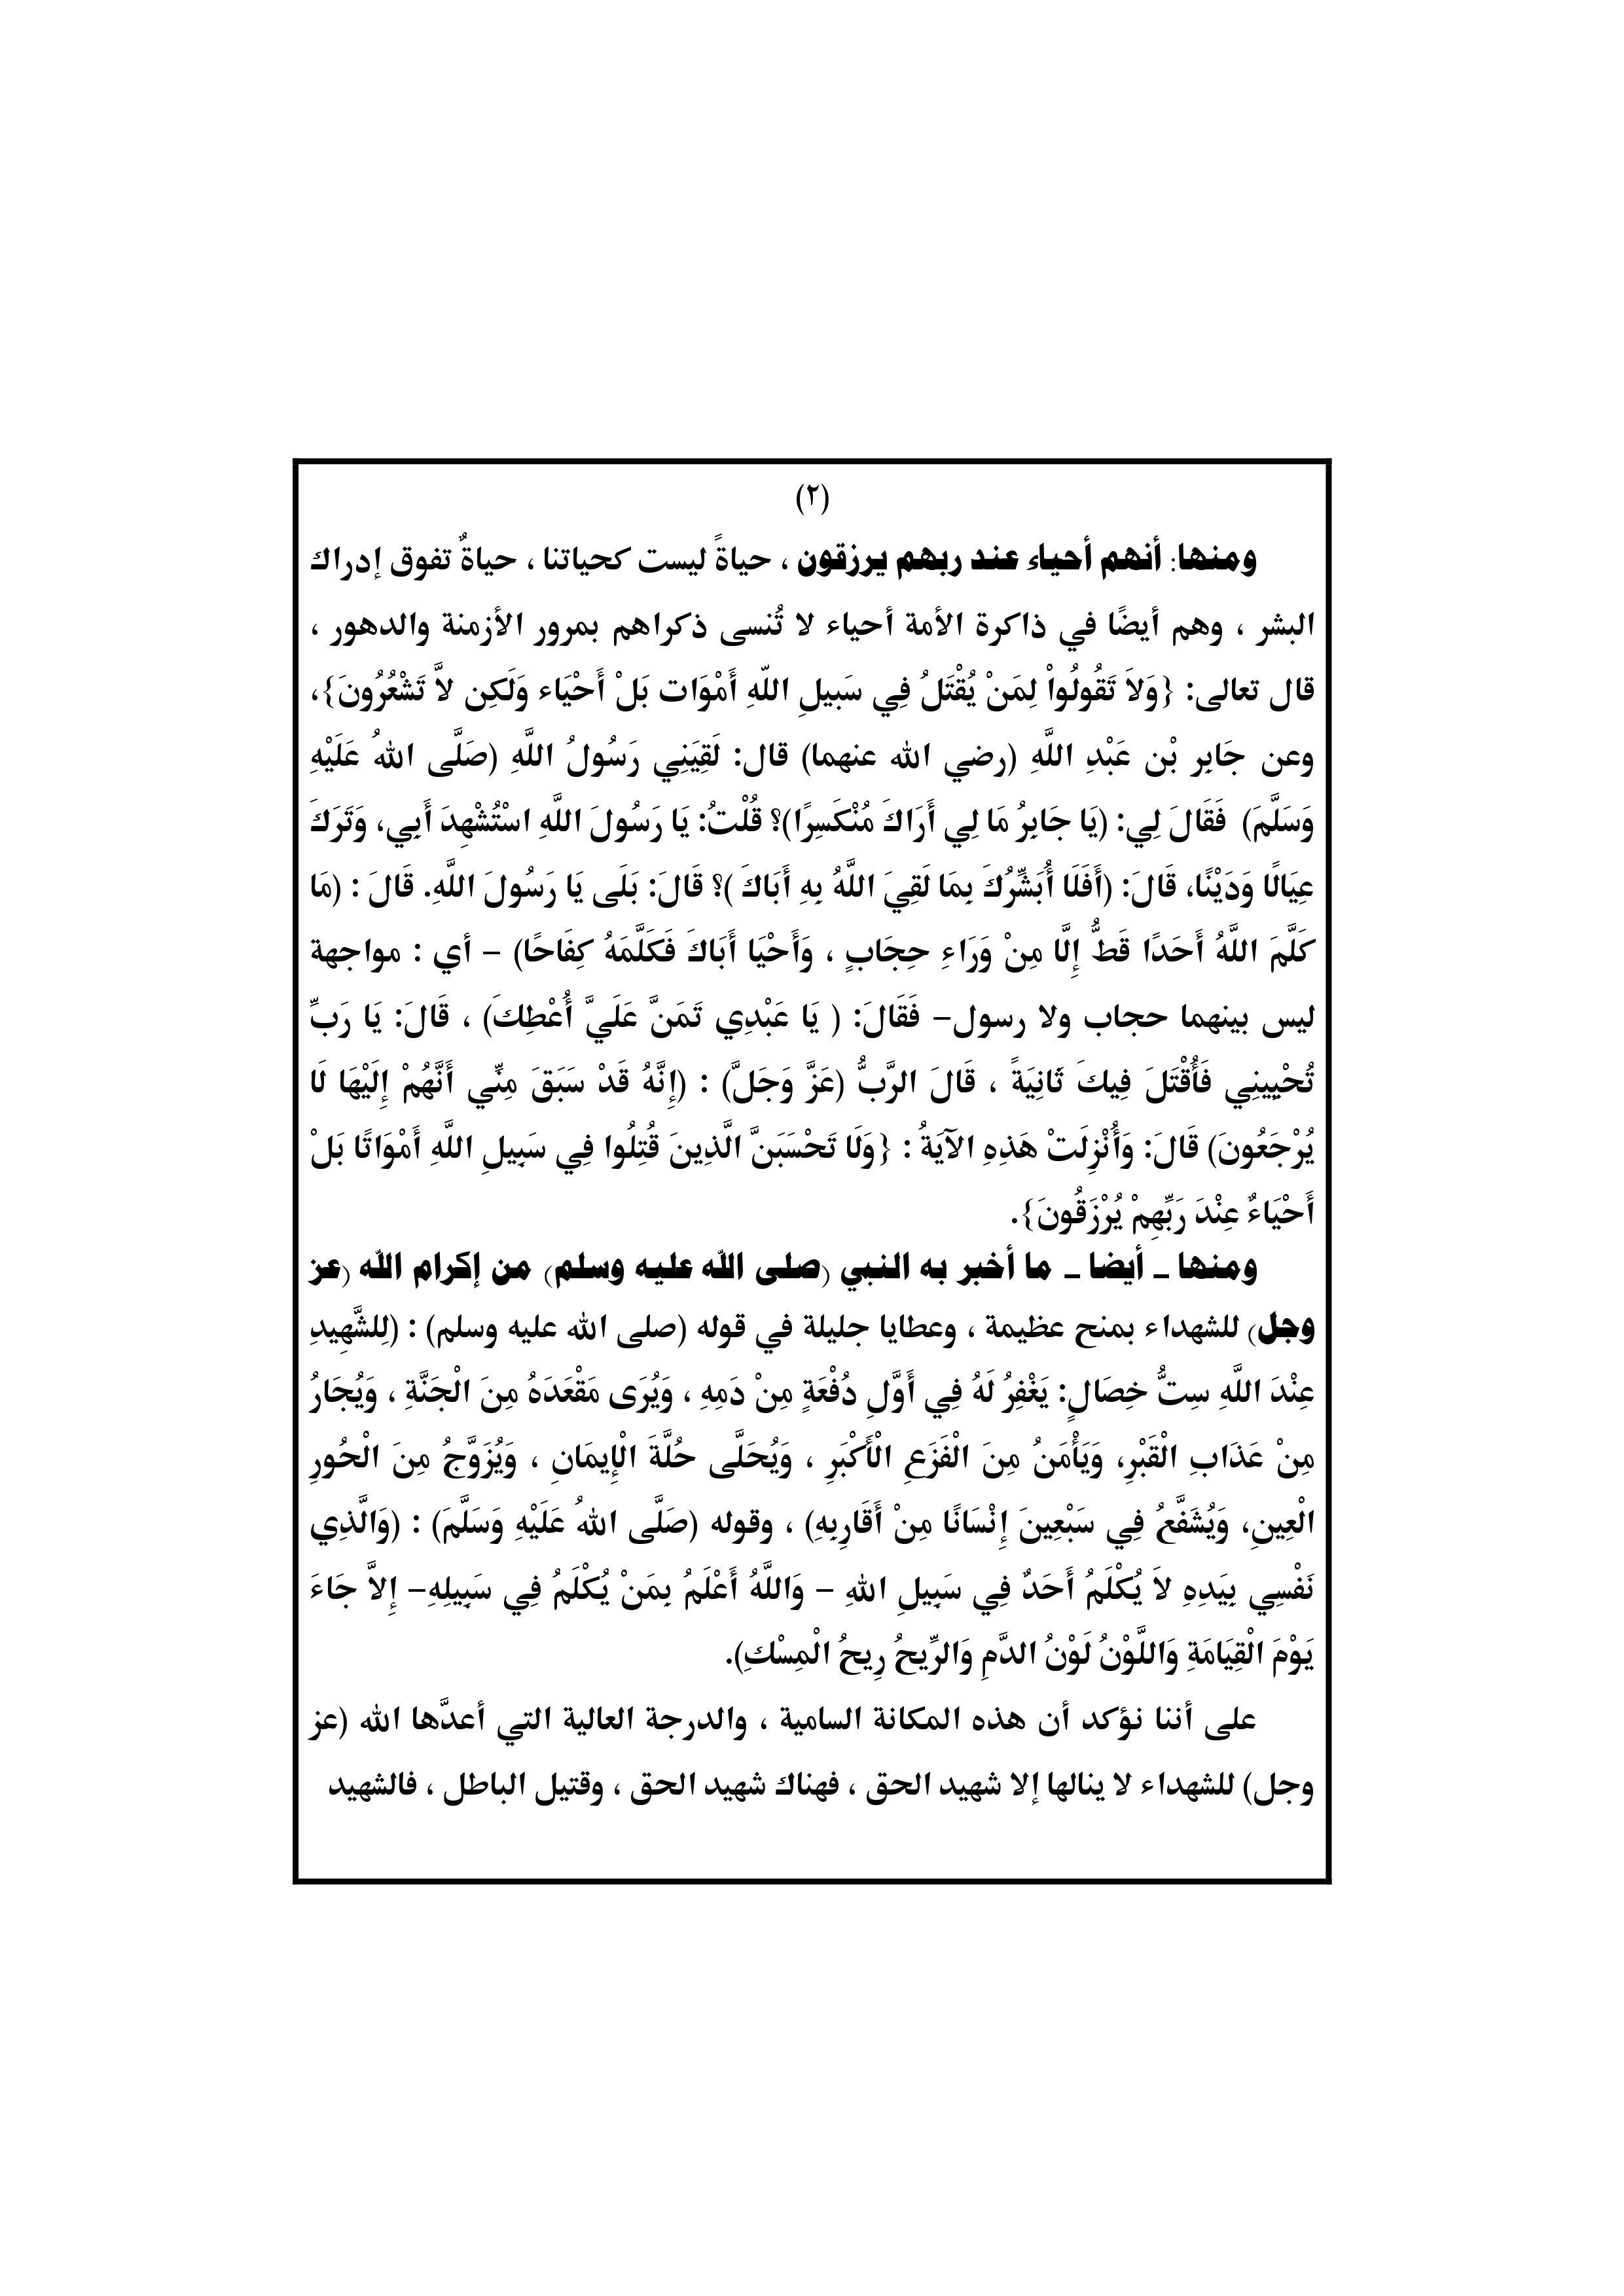 الشهادة في سبيل الله، يوم الشهيد، الشهداء، خطبة الجمعة 8/3/2019، خطبة الجمعة القادمة 8 مارس 2019، خطبة الجمعة 8/3/2019